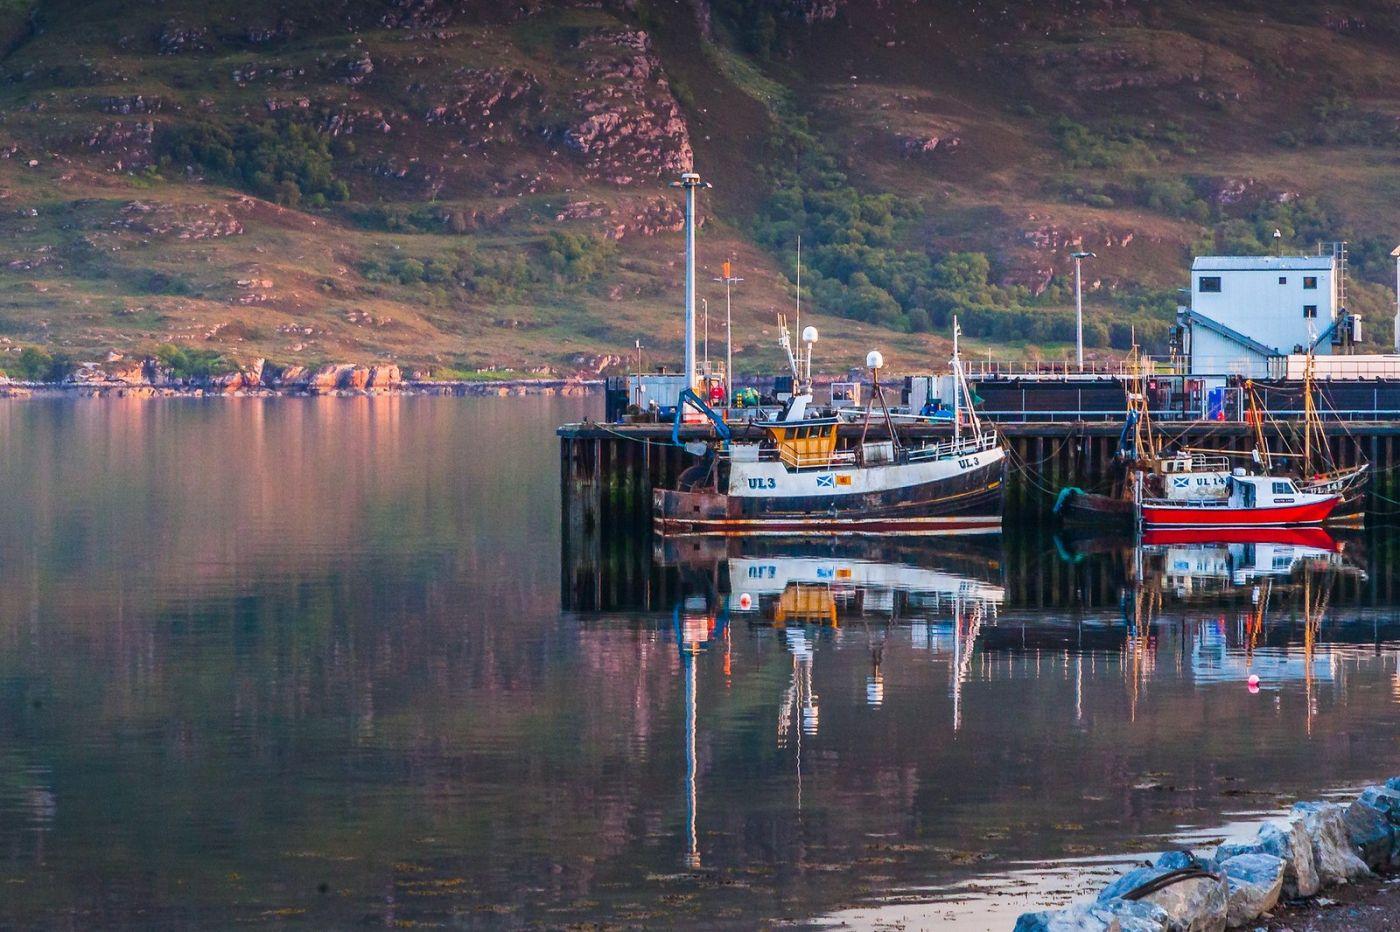 苏格兰阿勒浦(Ullapool),如镜的湖面_图1-2